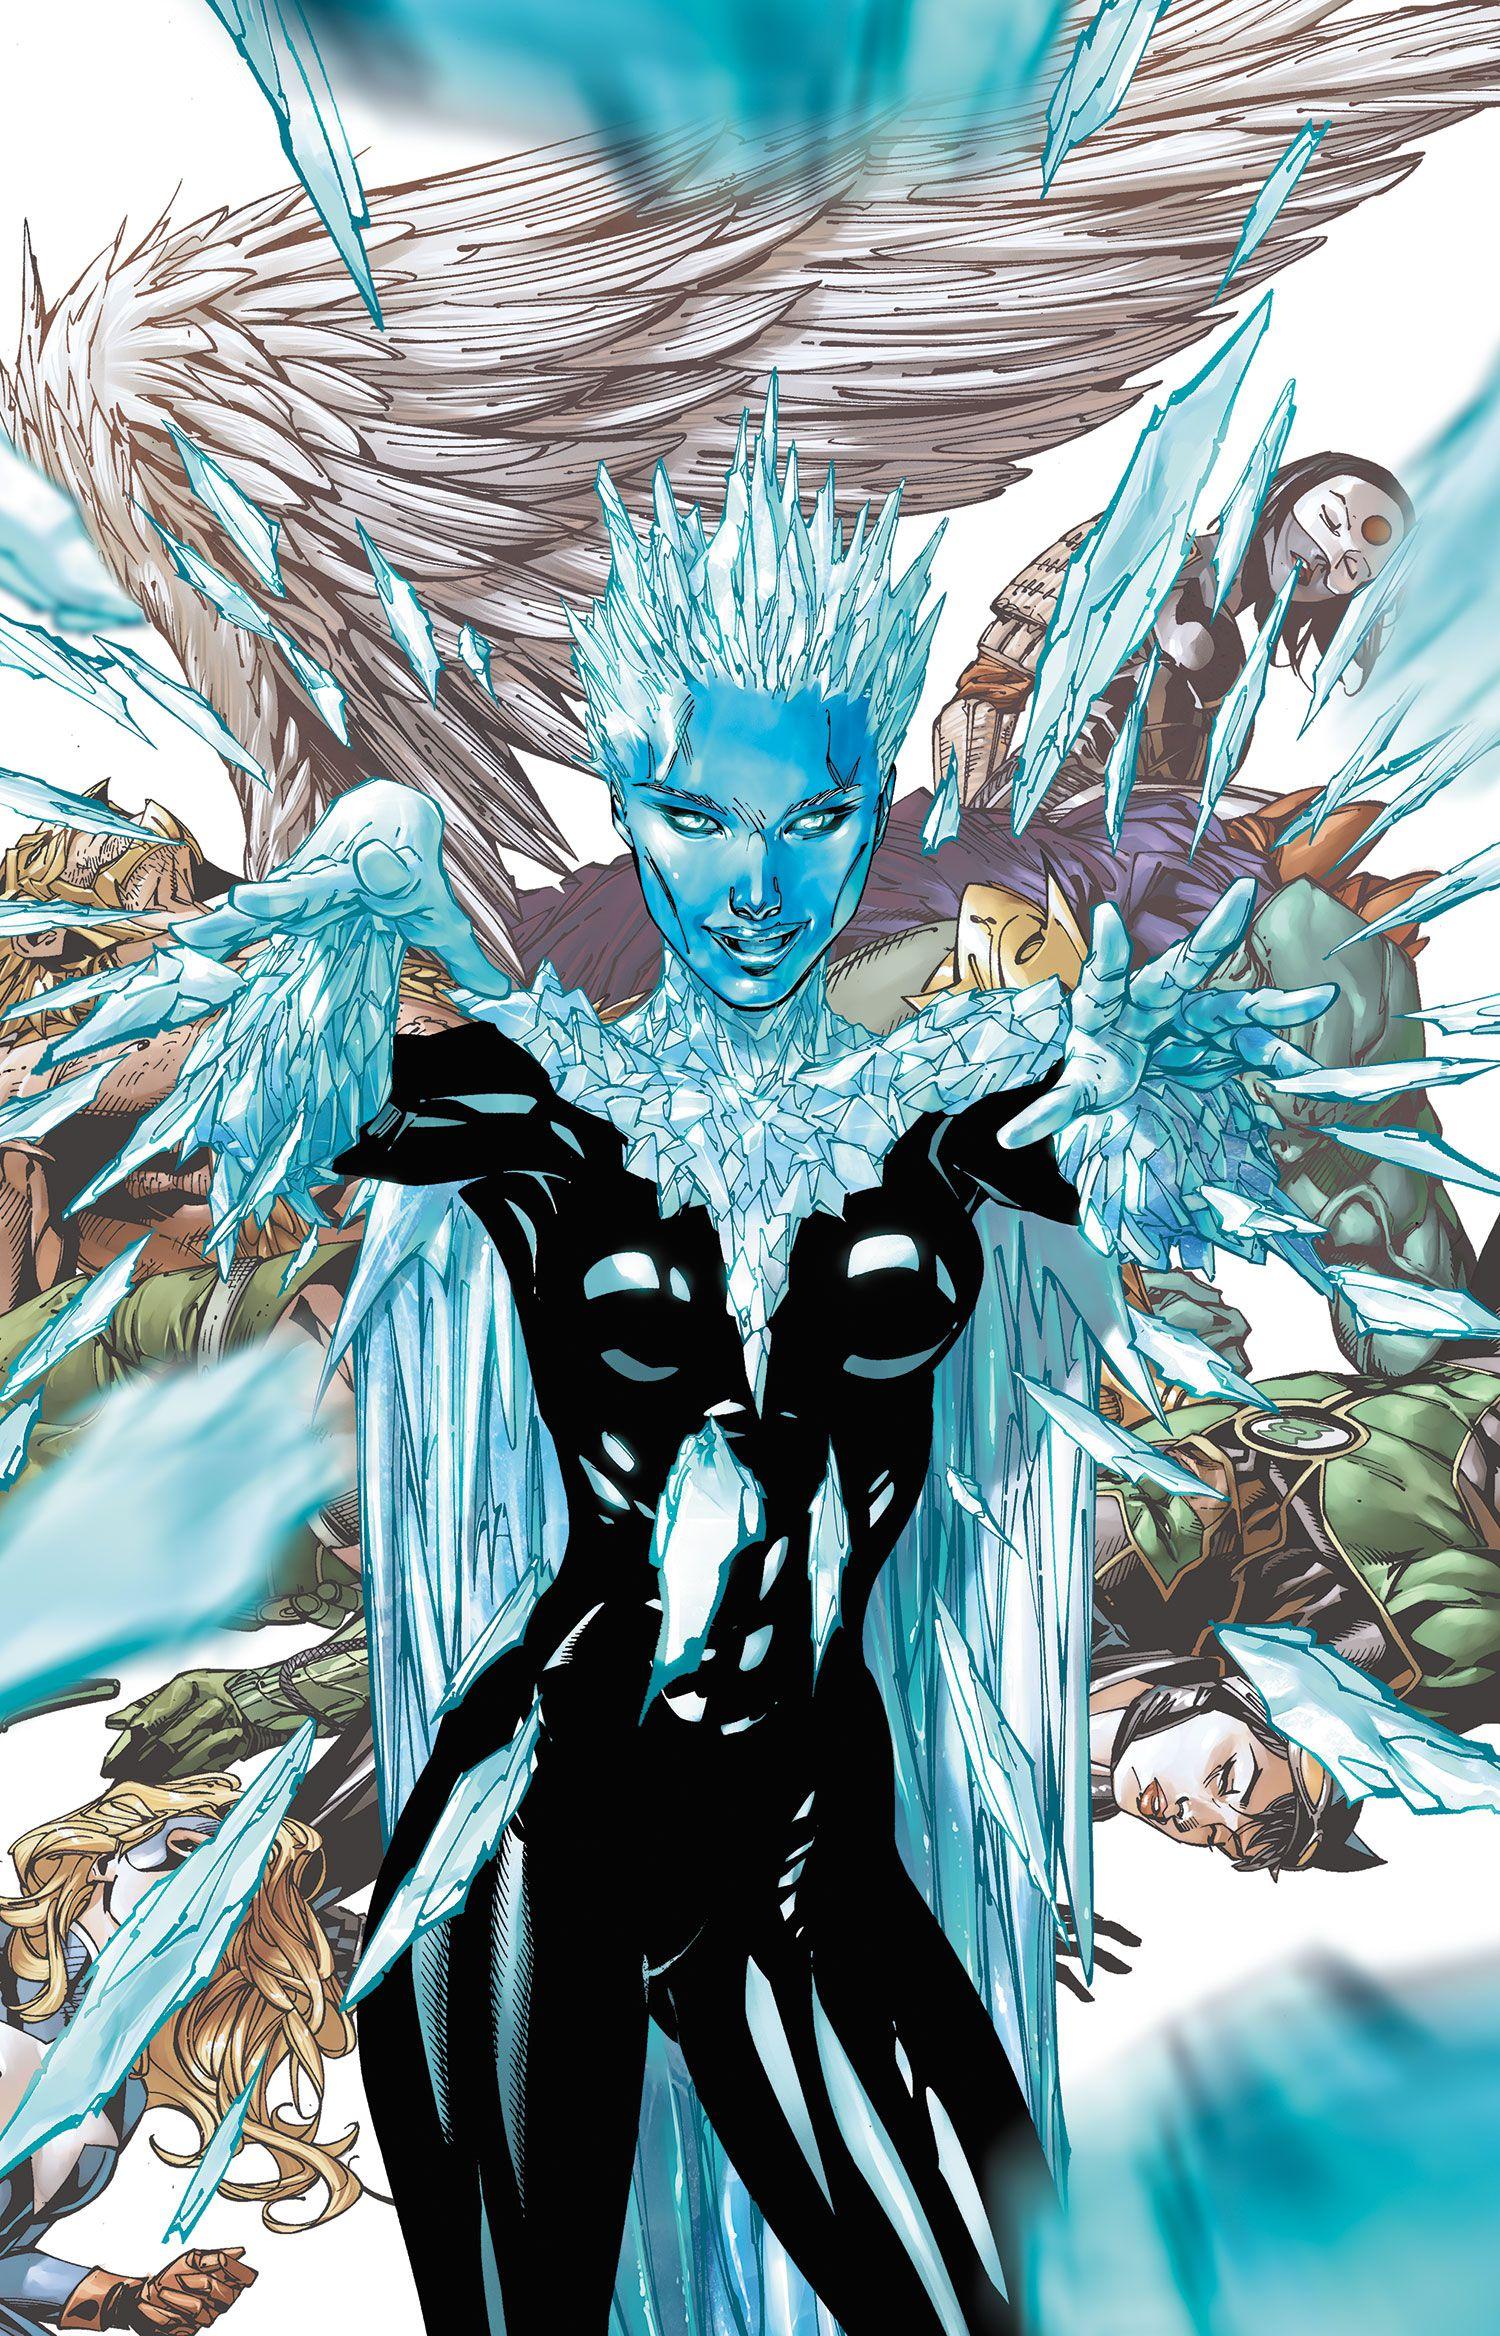 Les super-héros et super-méchants aux pouvoirs de glace